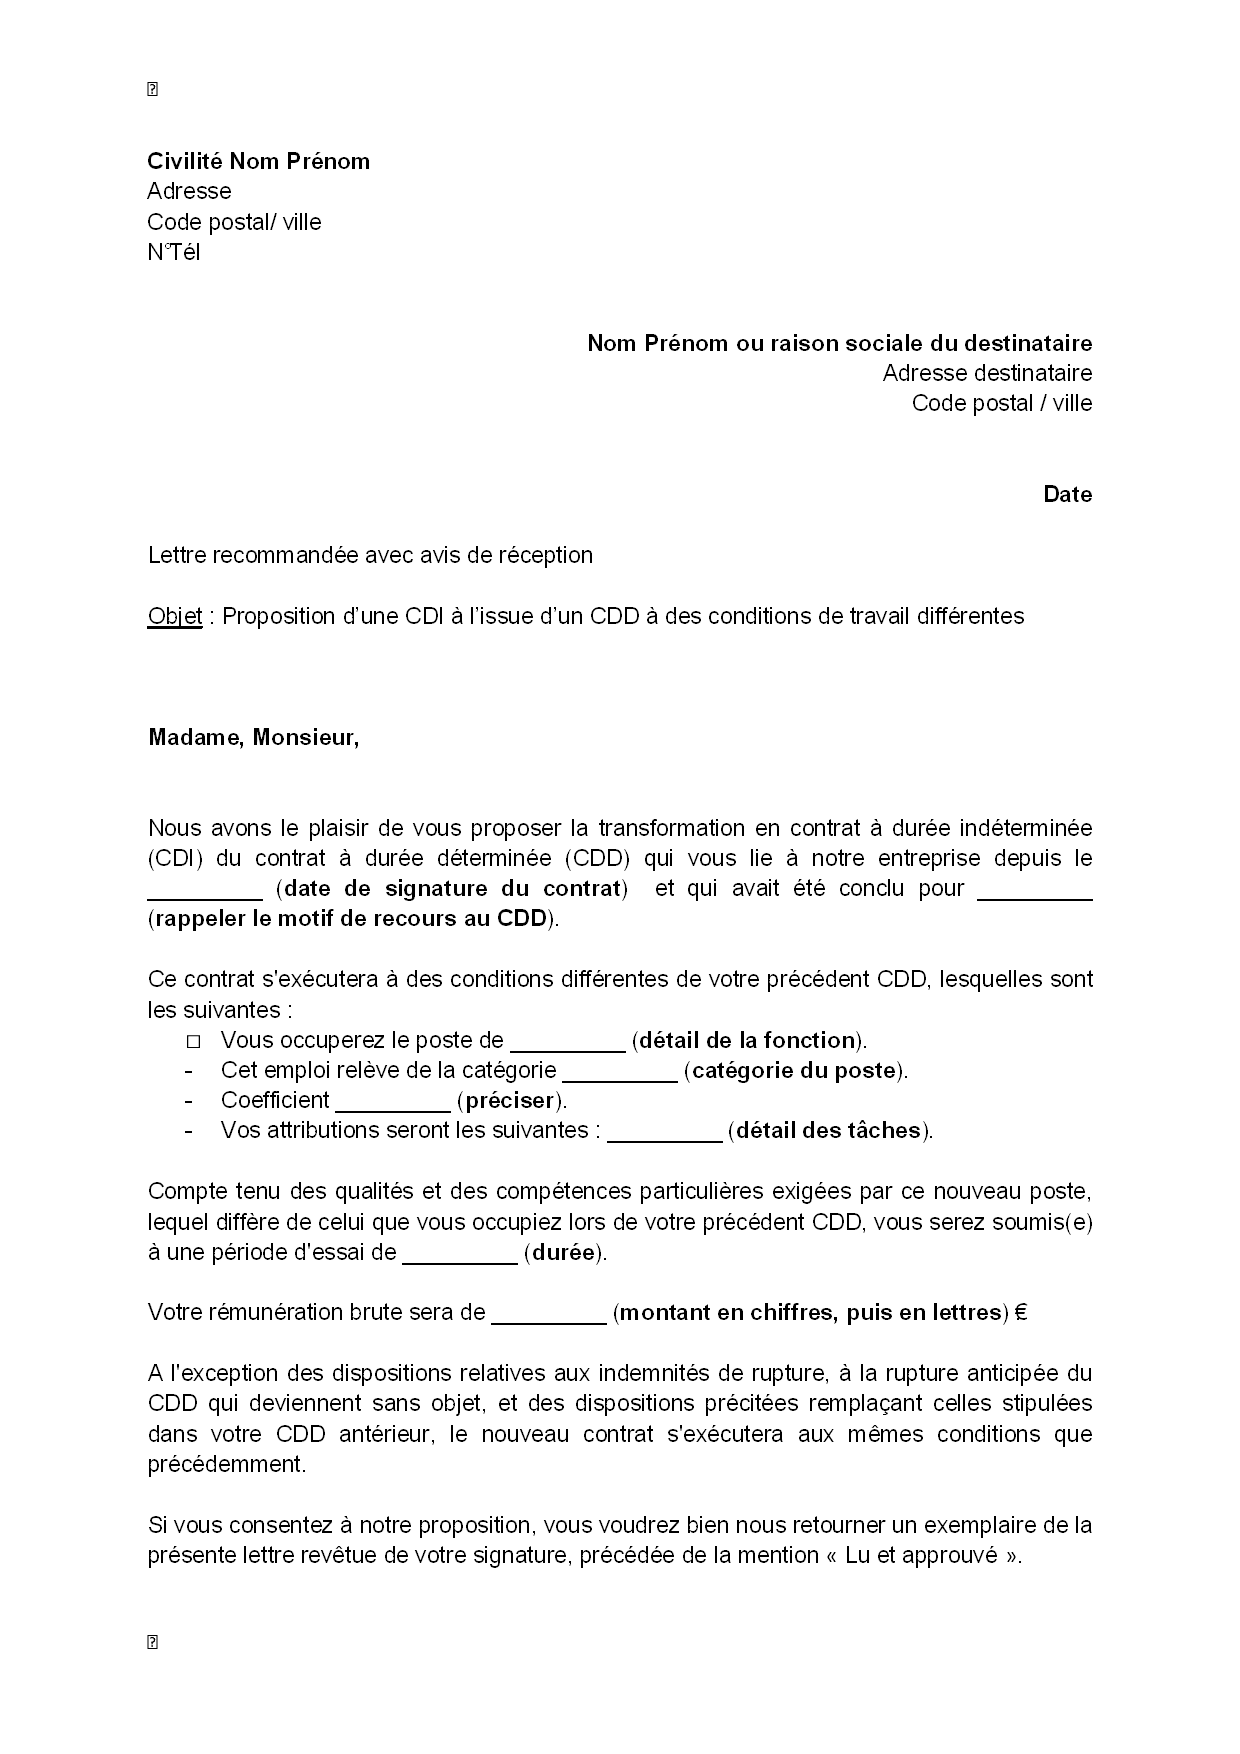 lettre de proposition d u0026 39 un cdi  u00e0 l u0026 39 issue d u0026 39 un cdd  u00e0 des